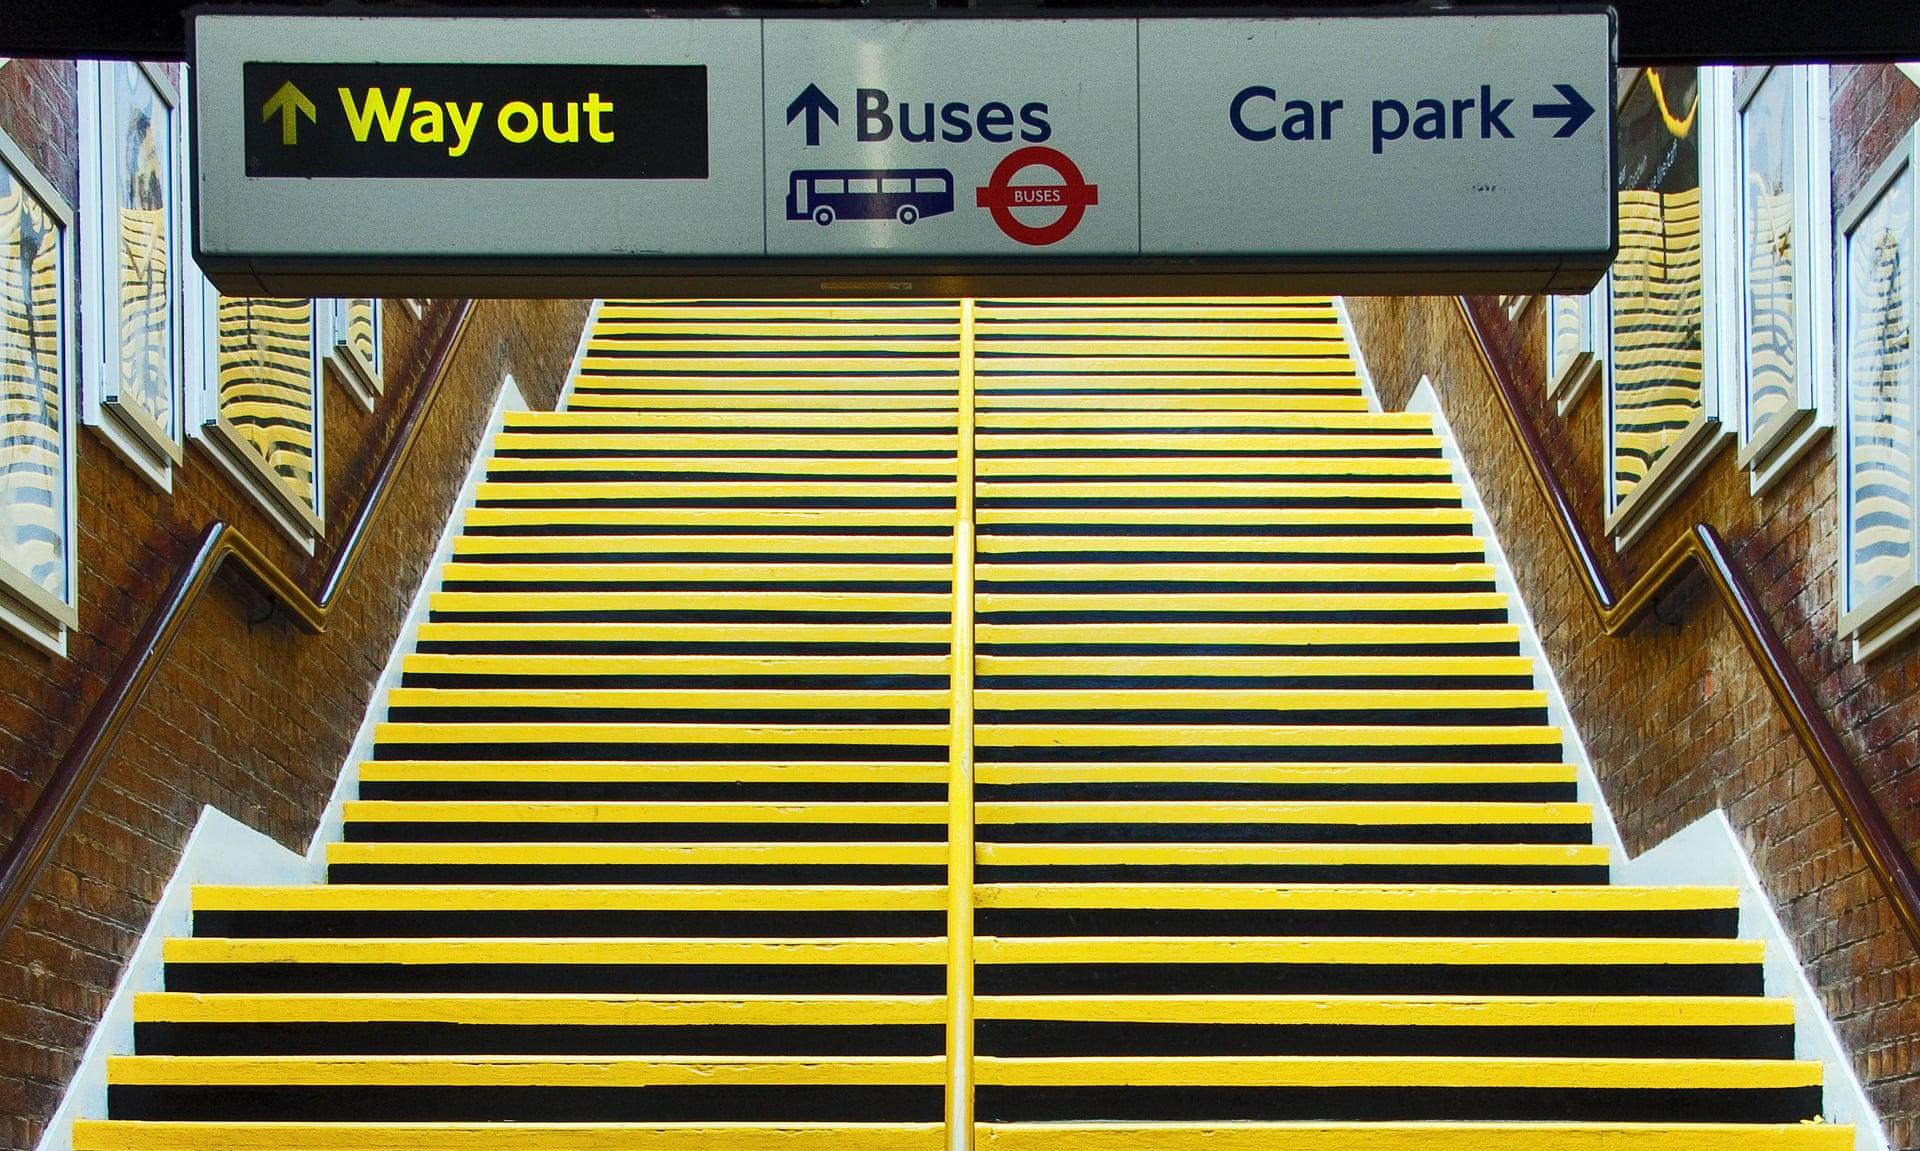 Una escalera en la estación de metro de Stanmore. Fotografía: Keith Erskine / Alamy